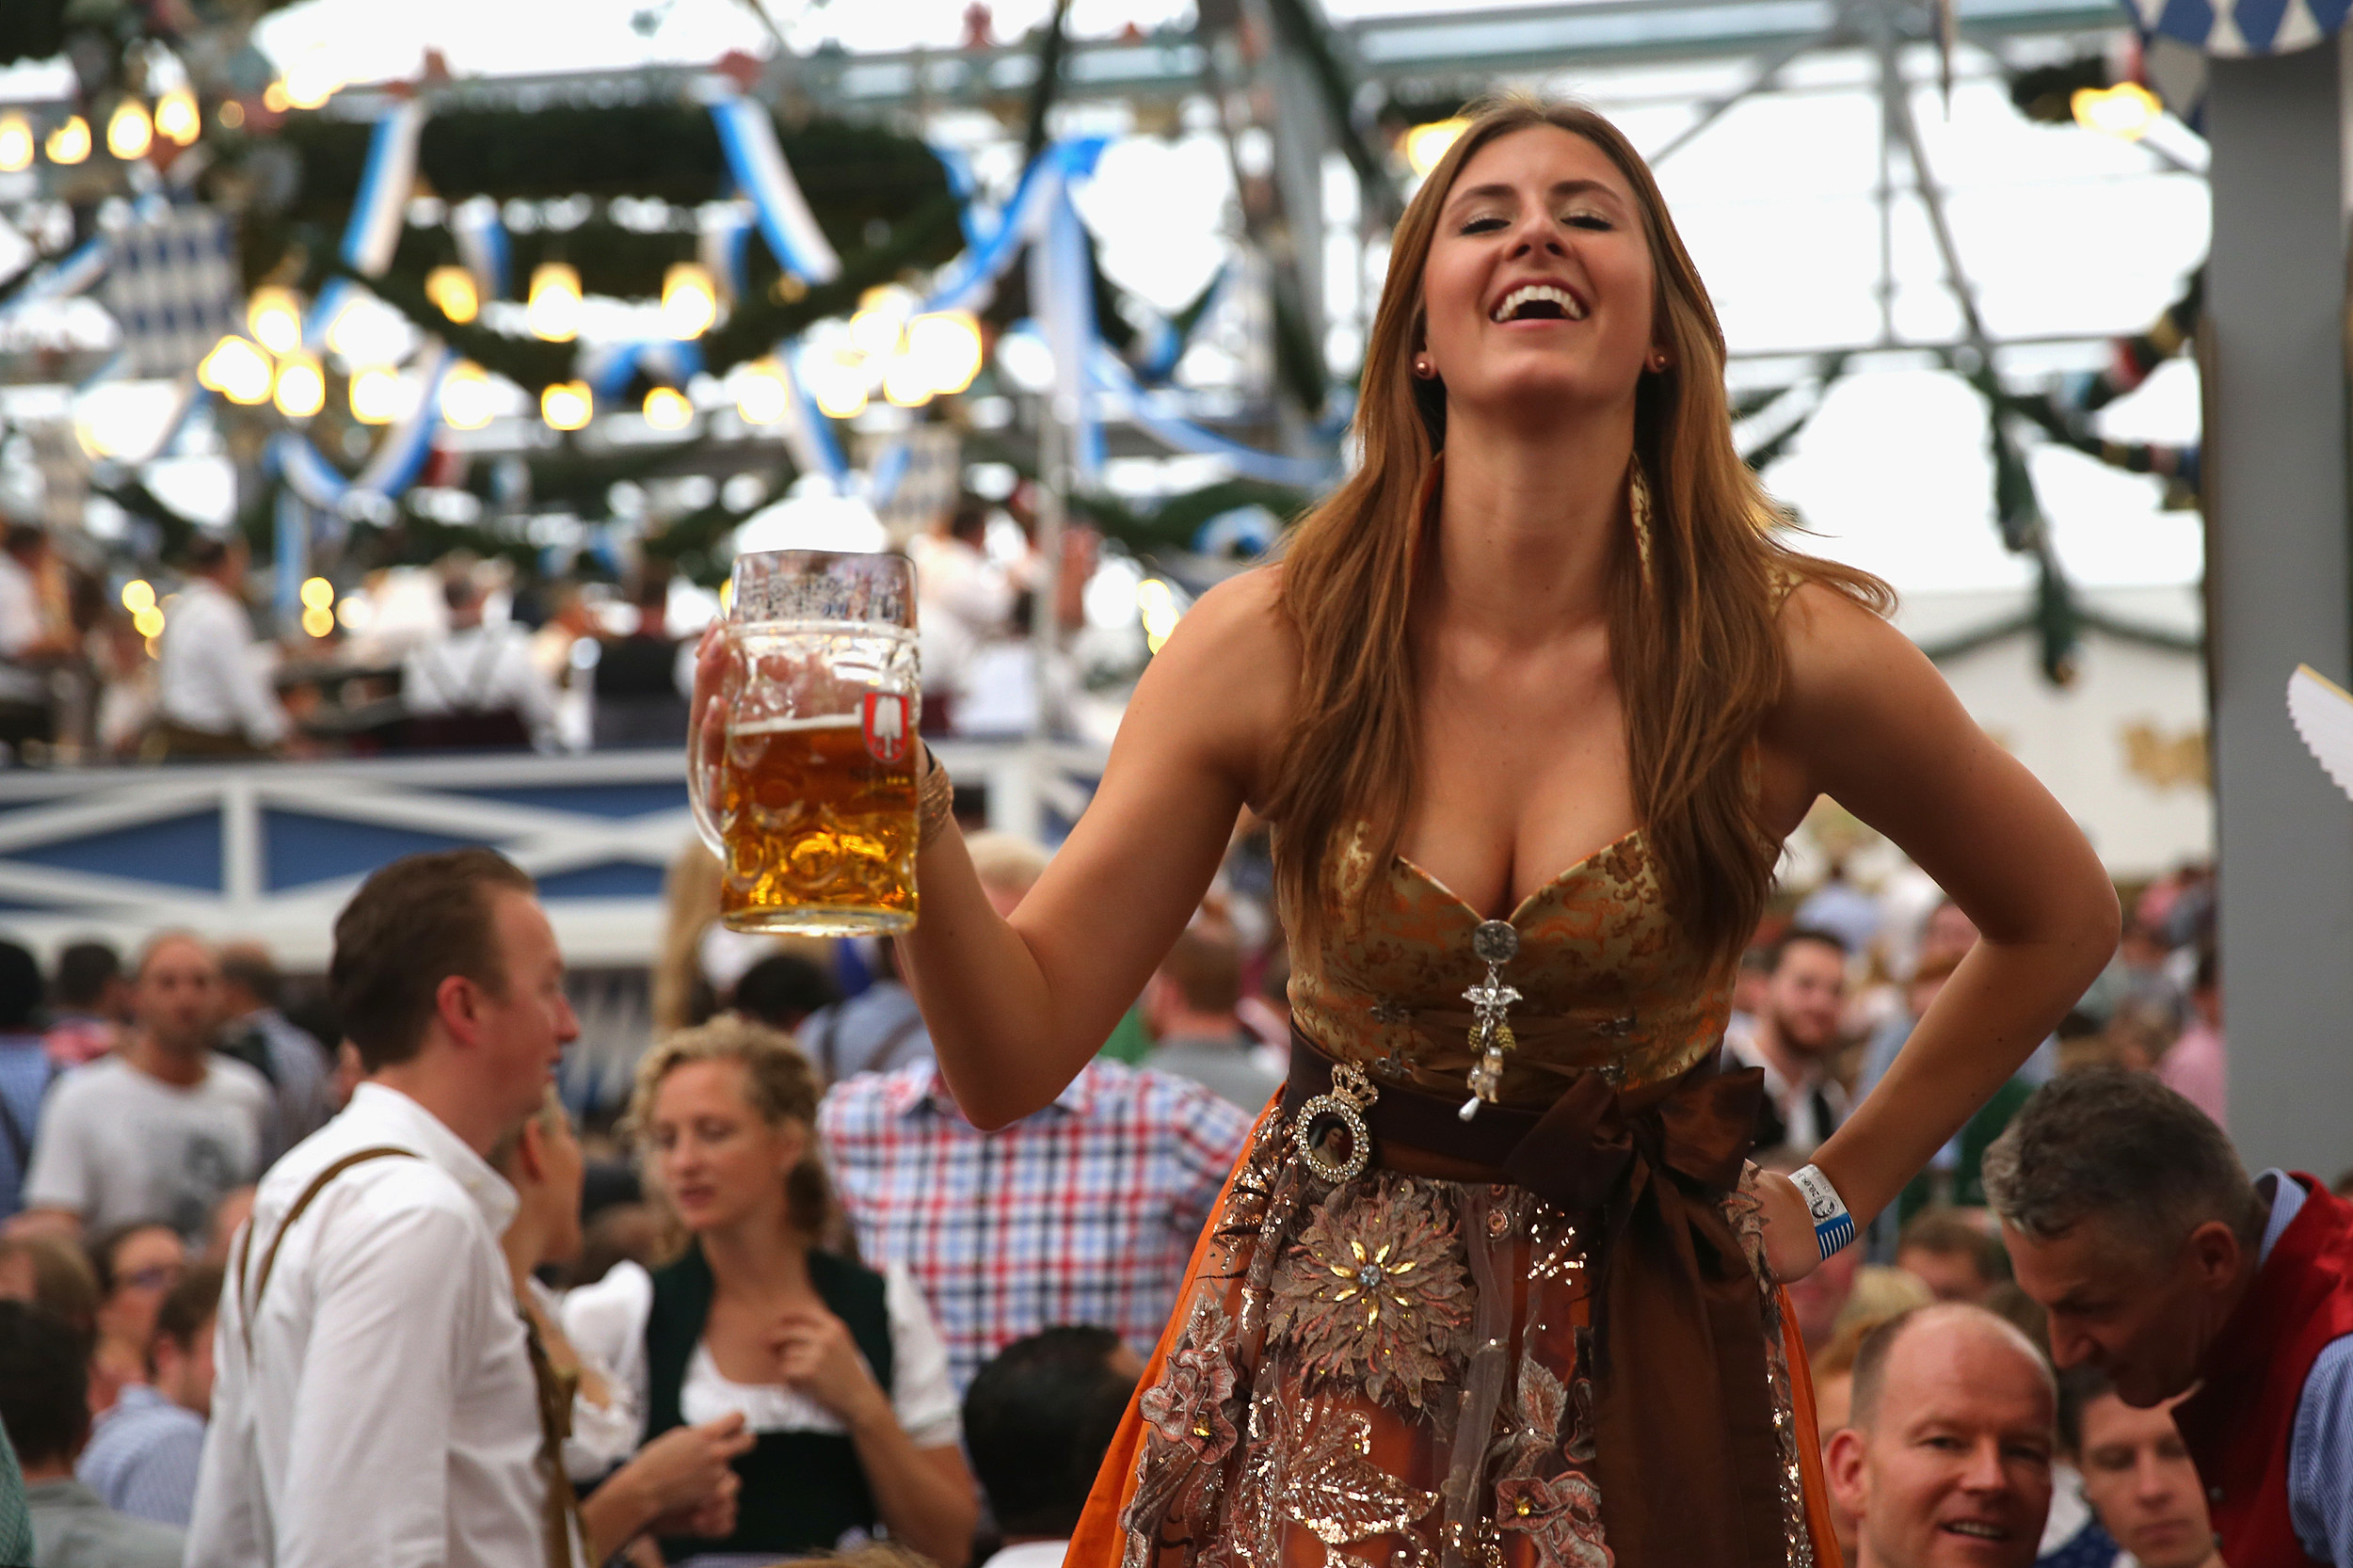 München Sex Party